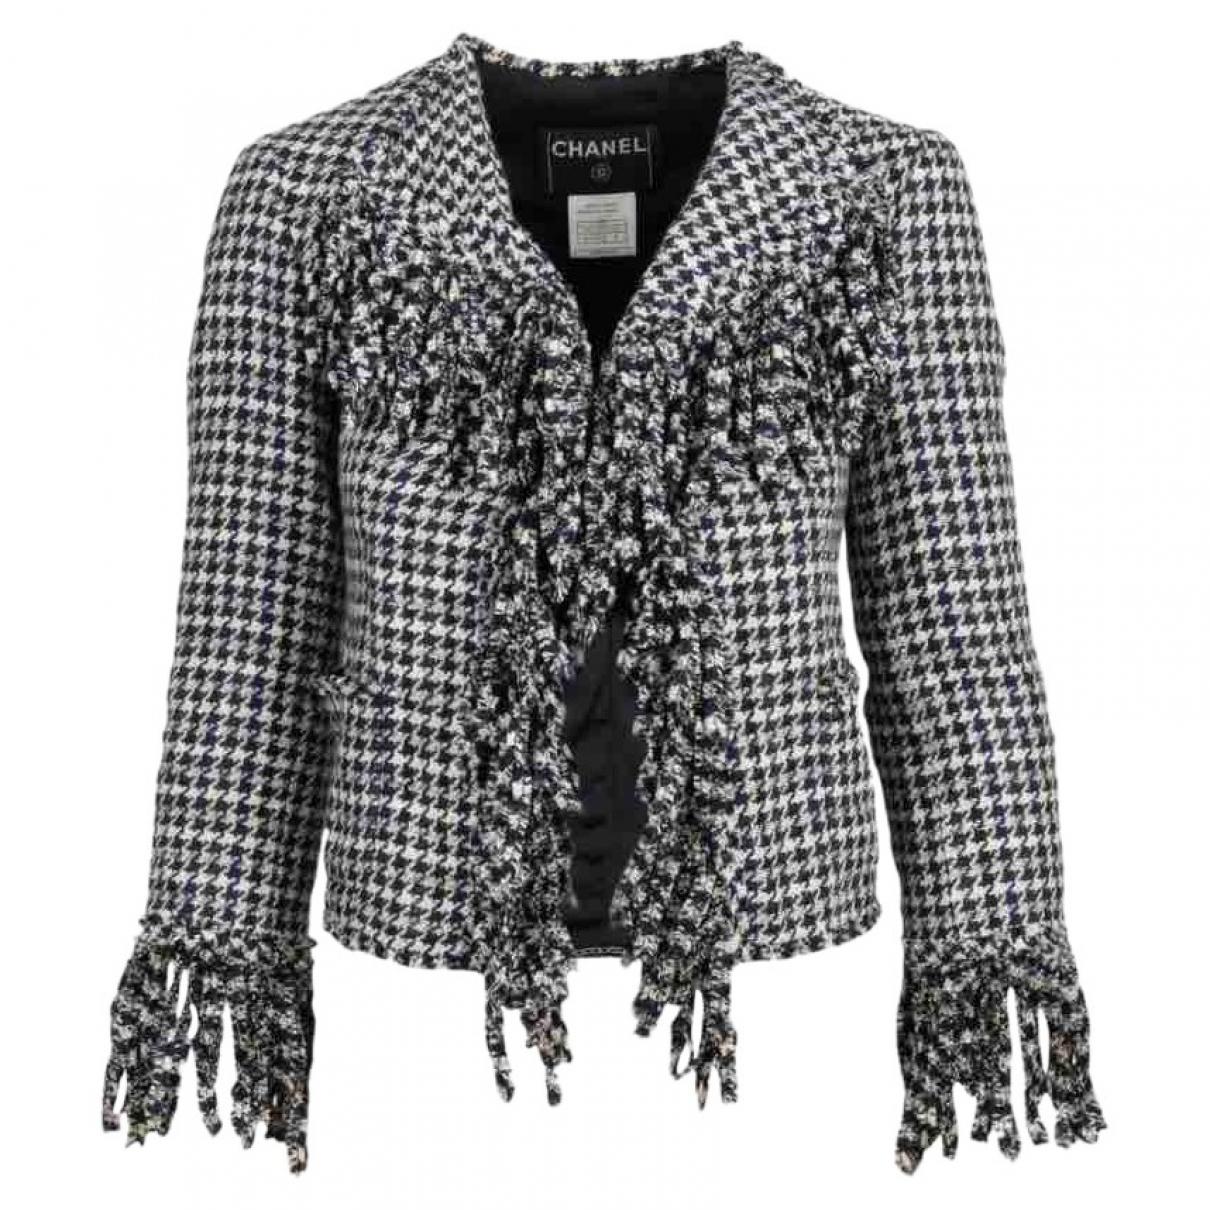 Chanel - Veste   pour femme en soie - multicolore